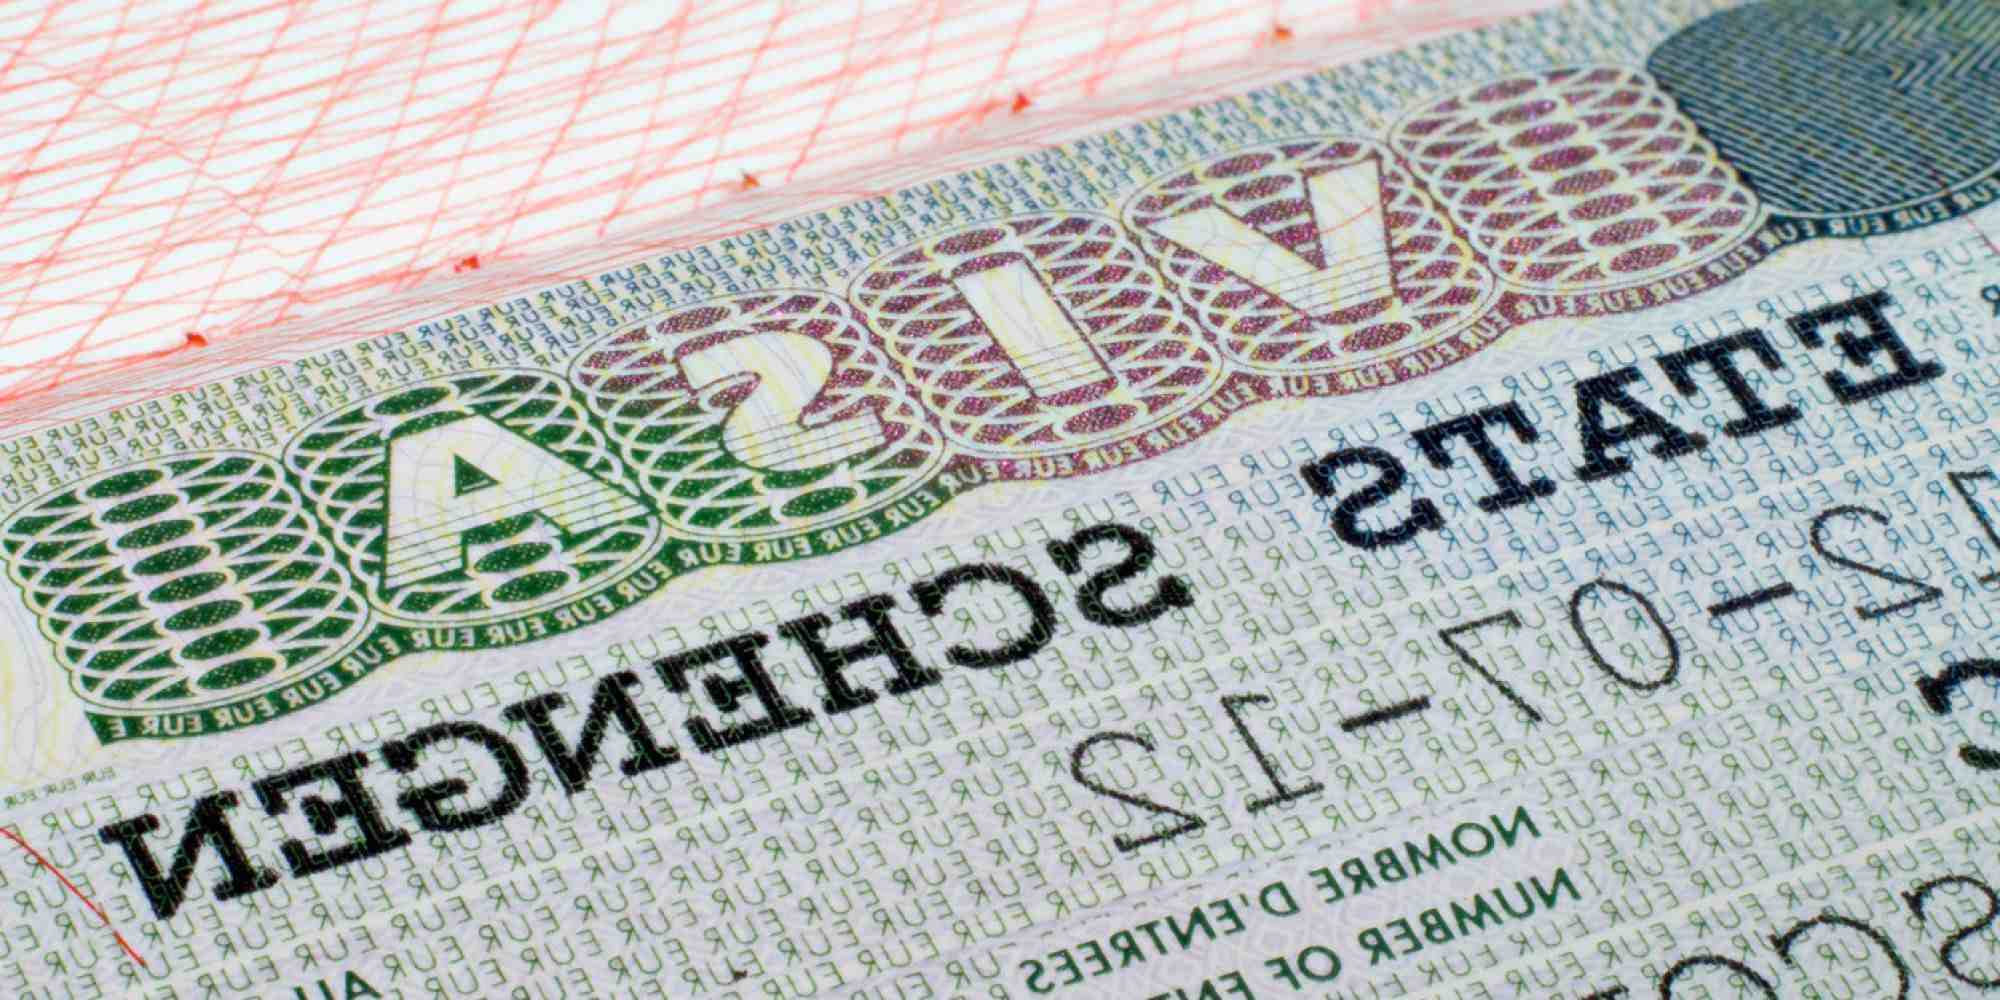 Comment obtenir facilement un visa pour la France?